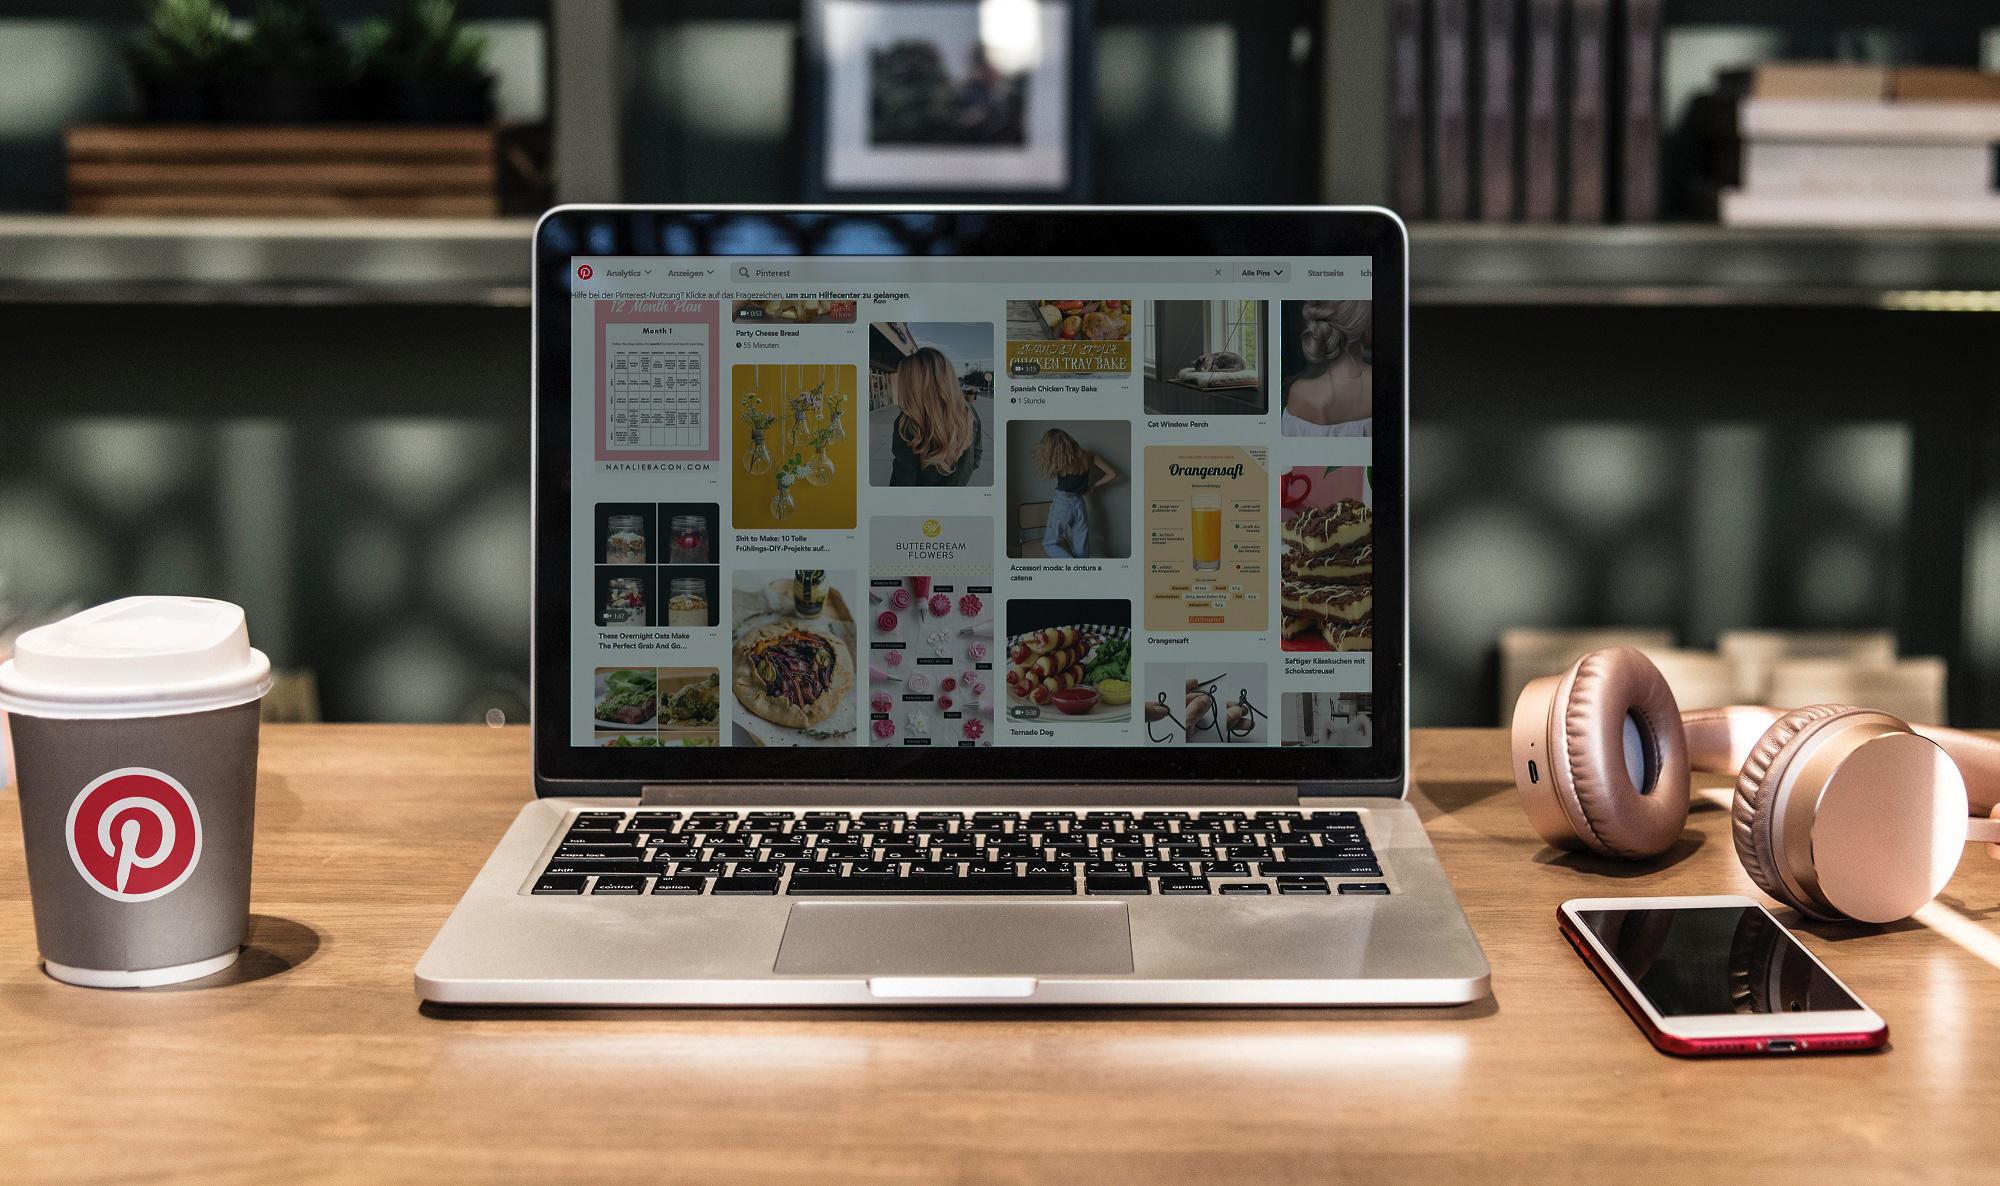 Werben auf Pinterest - erste Erfahrungen mit Pinterest Ads